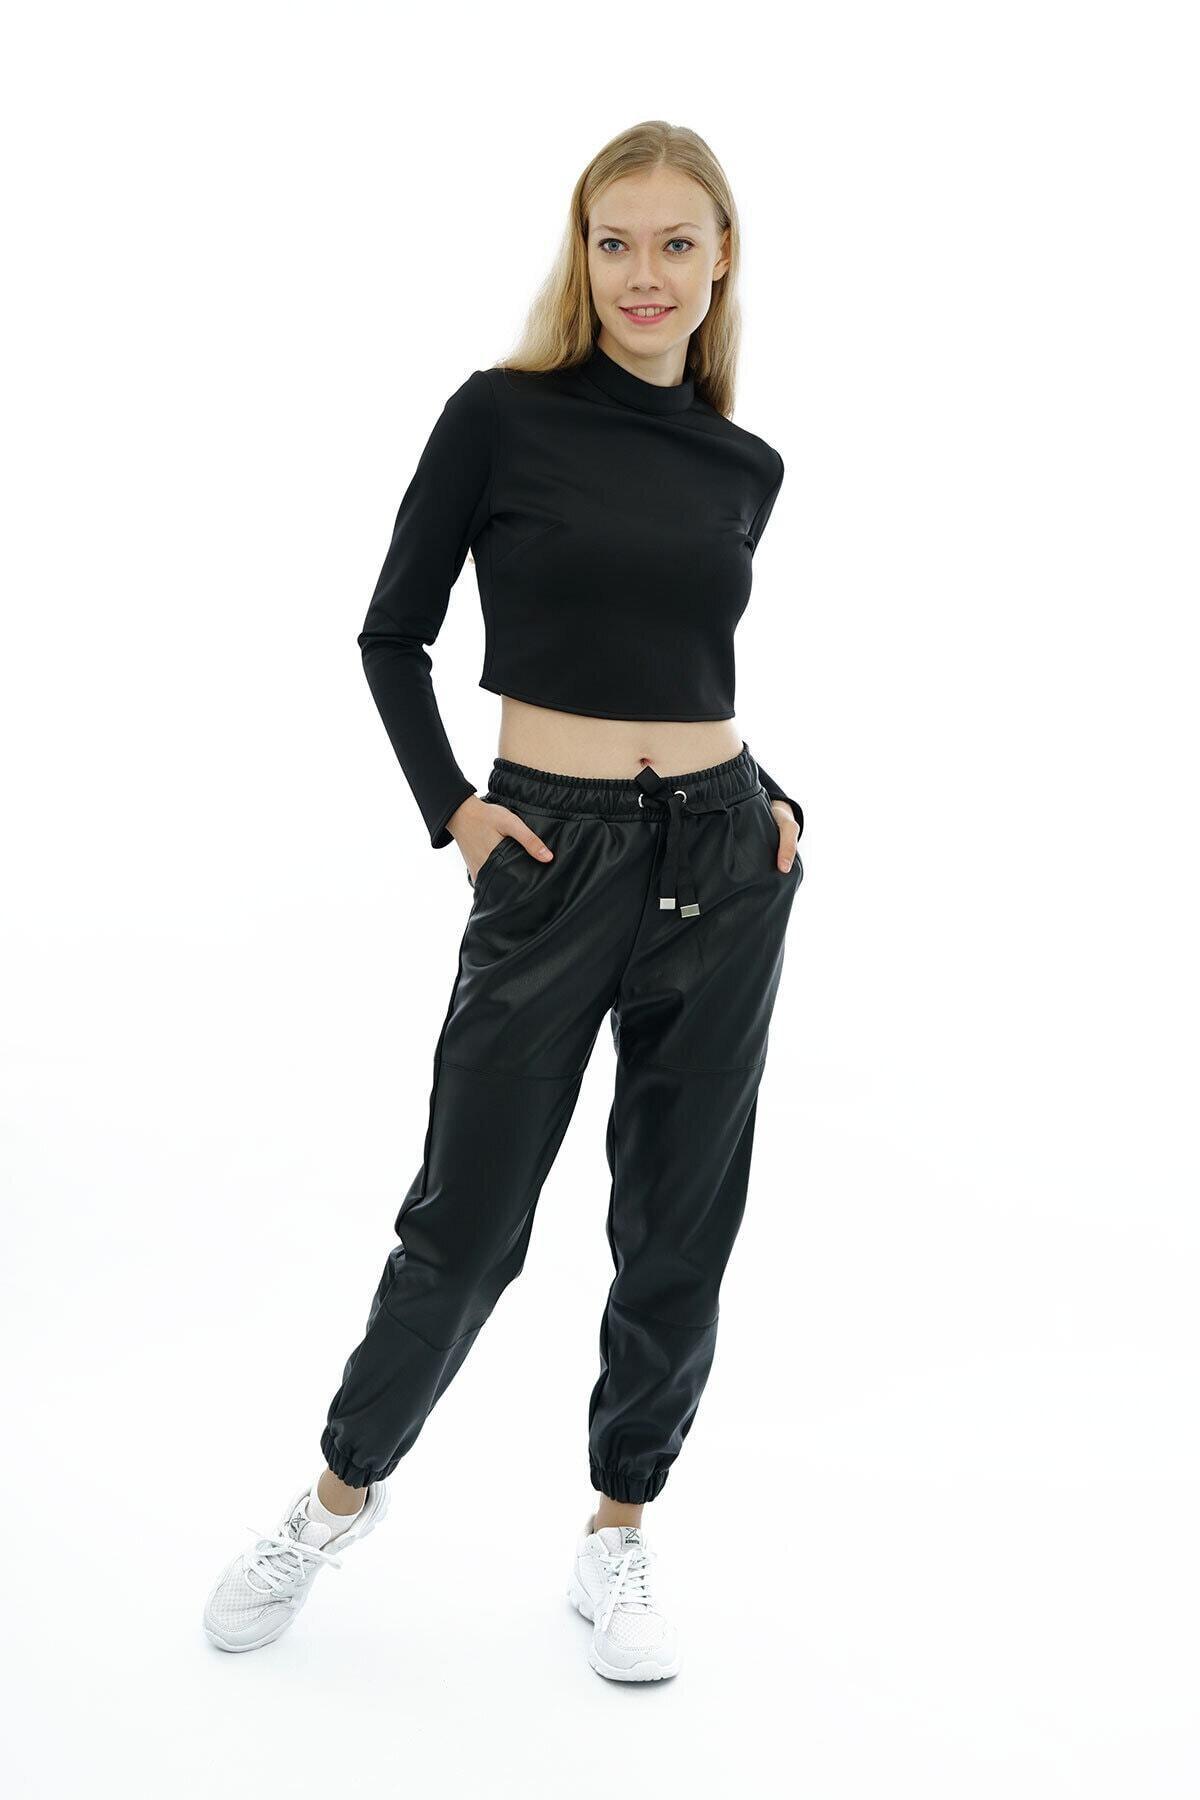 BEBE PLUS Kadın Siyah Beli Ve Paçası Lastikli Deri Pantolon 1